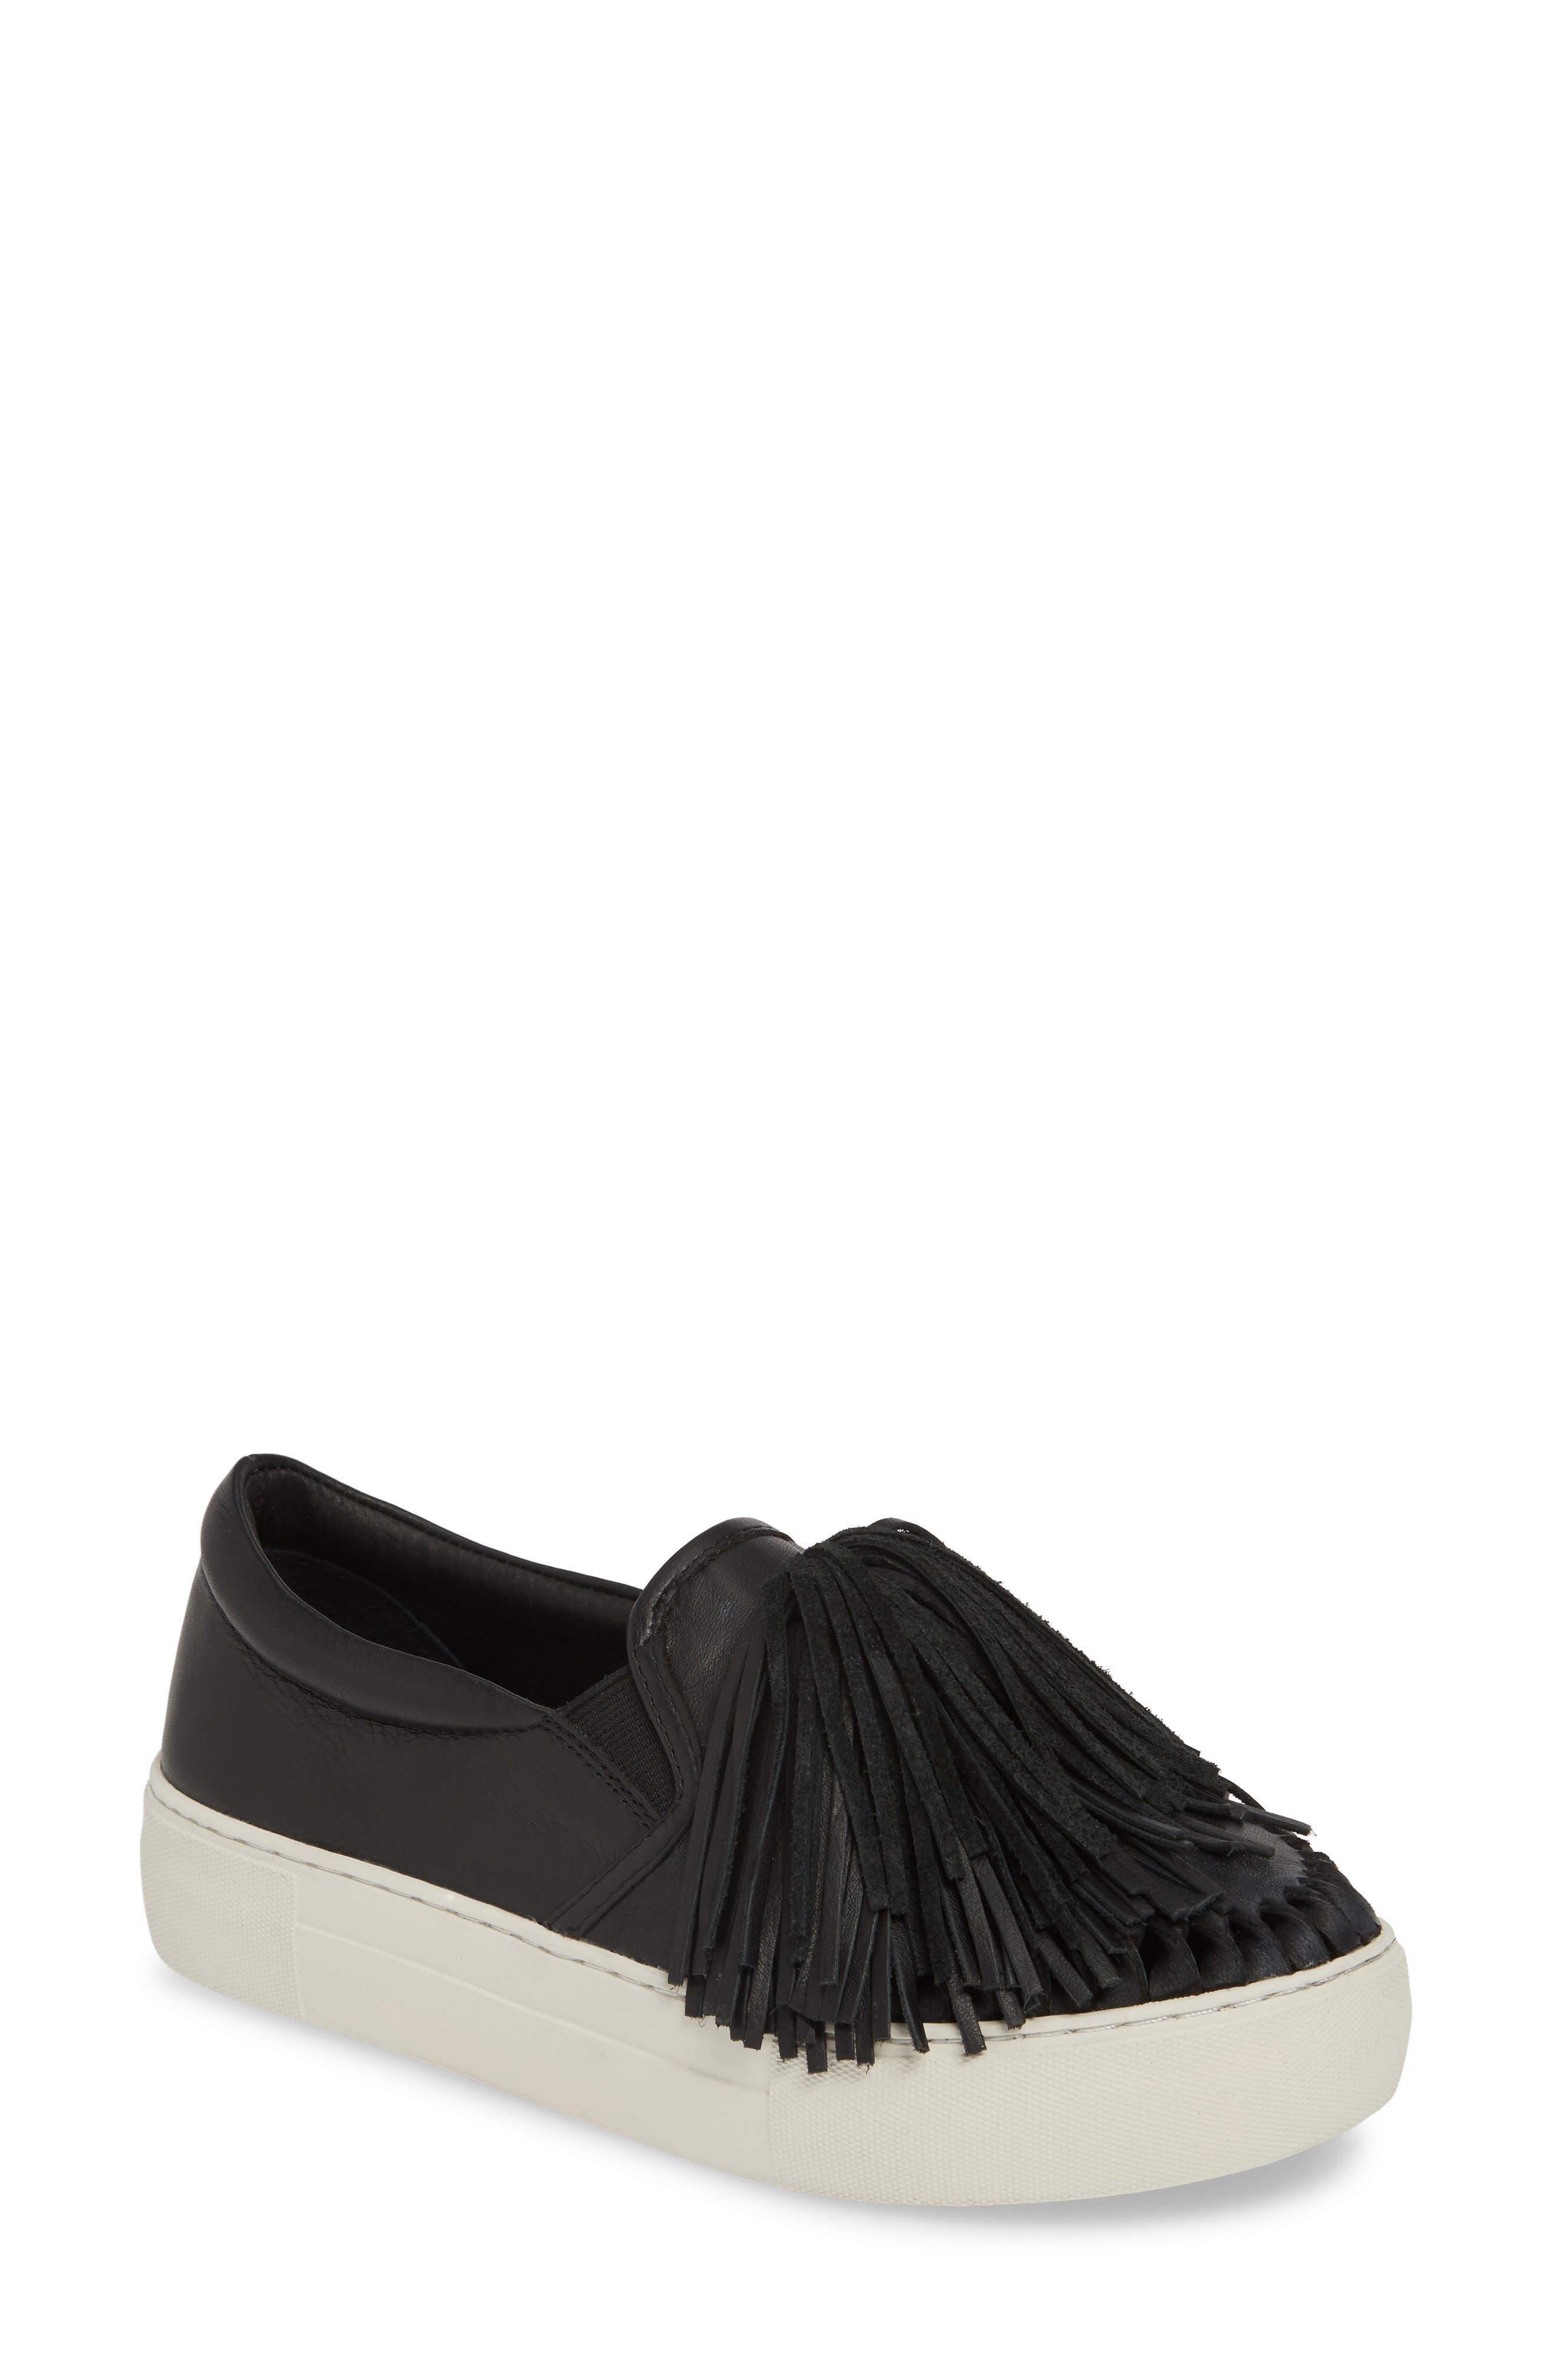 Jslides Aria Fringe Slip-On Platform Sneaker, Black